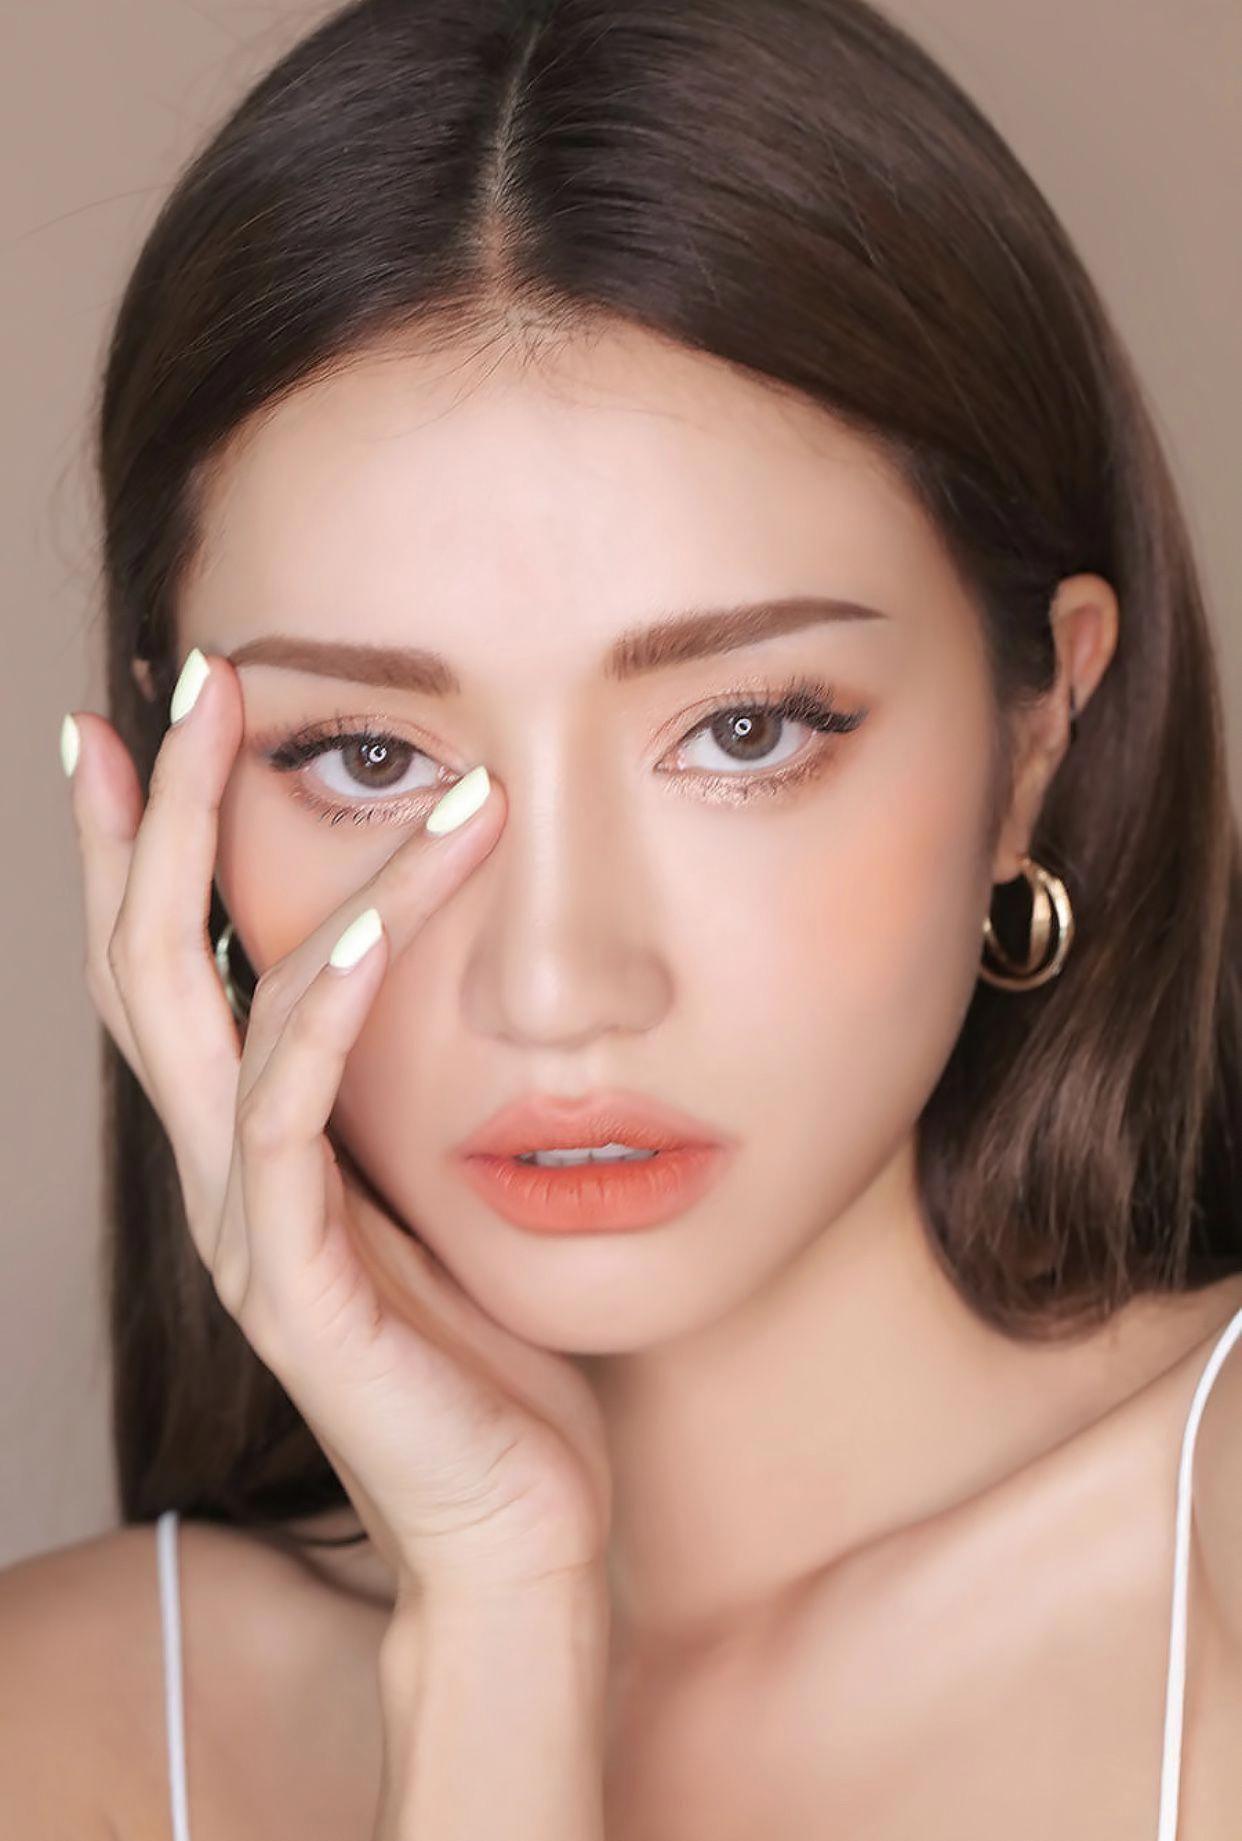 𝚙𝚒𝚗𝚝𝚎𝚛𝚎𝚜𝚝 𝚖𝚊𝚝𝚌𝚑𝚊𝚋𝚞𝚗 Eyemakeup Fall makeup trend, Peach